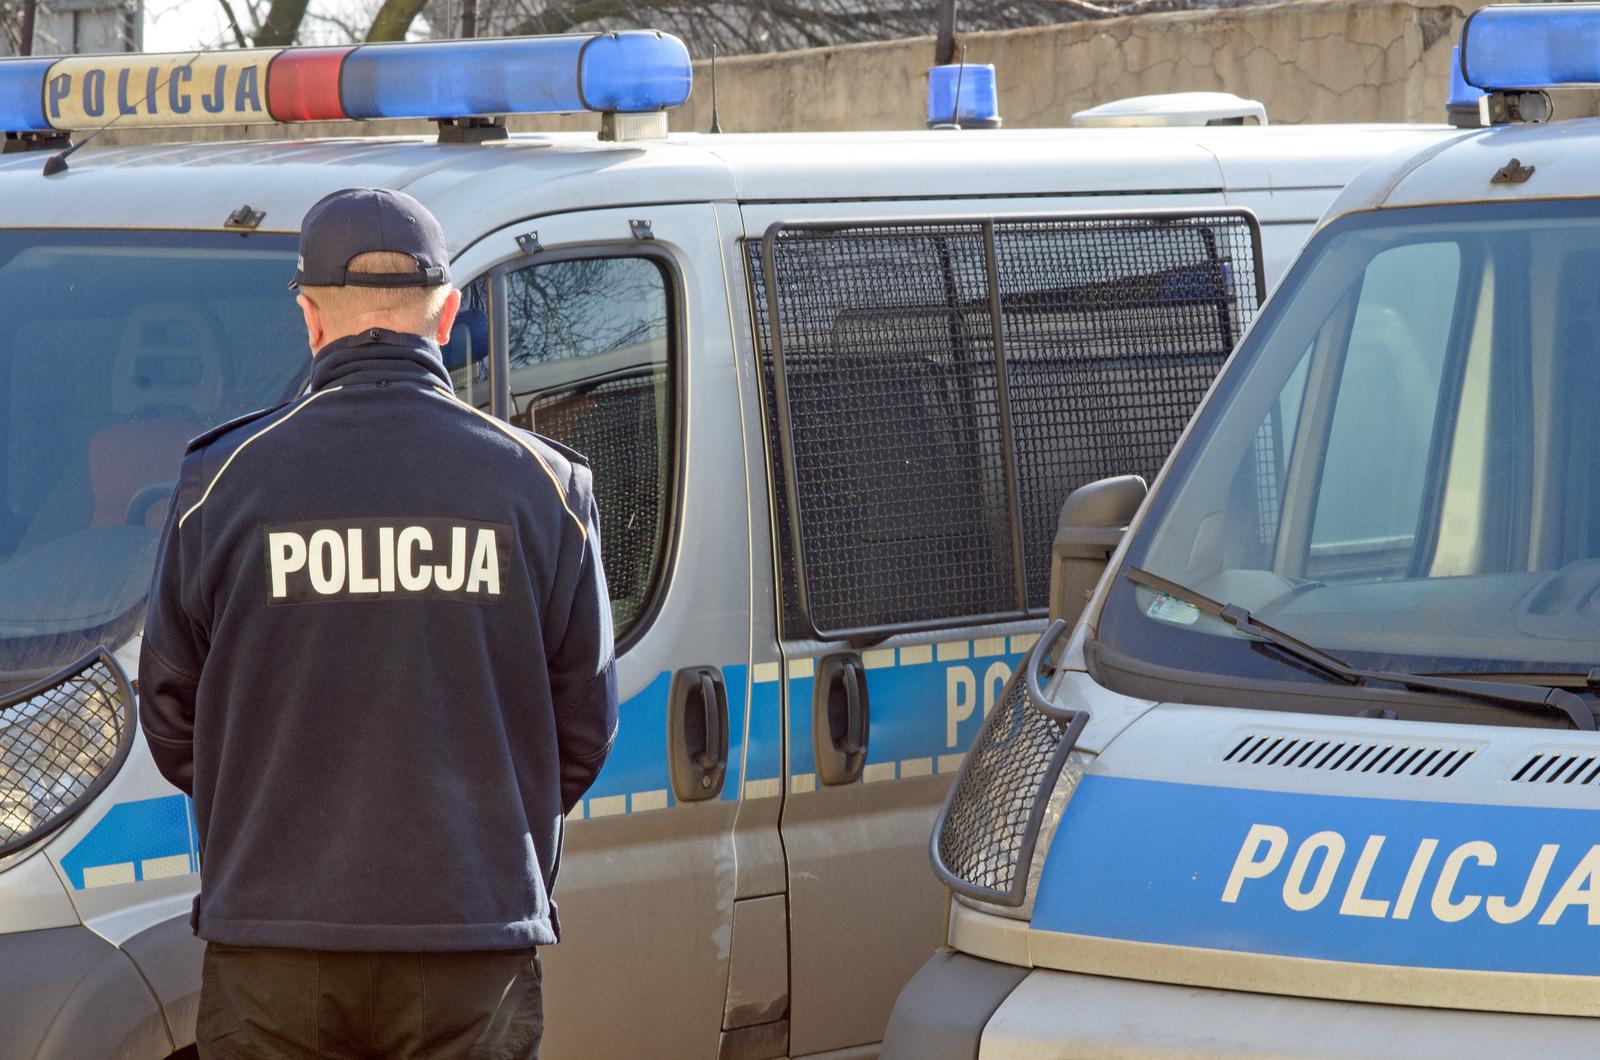 Komendant policji sprawcą kradzieży w płockim markecie. Ukradł... kilka śrubek - Zdjęcie główne